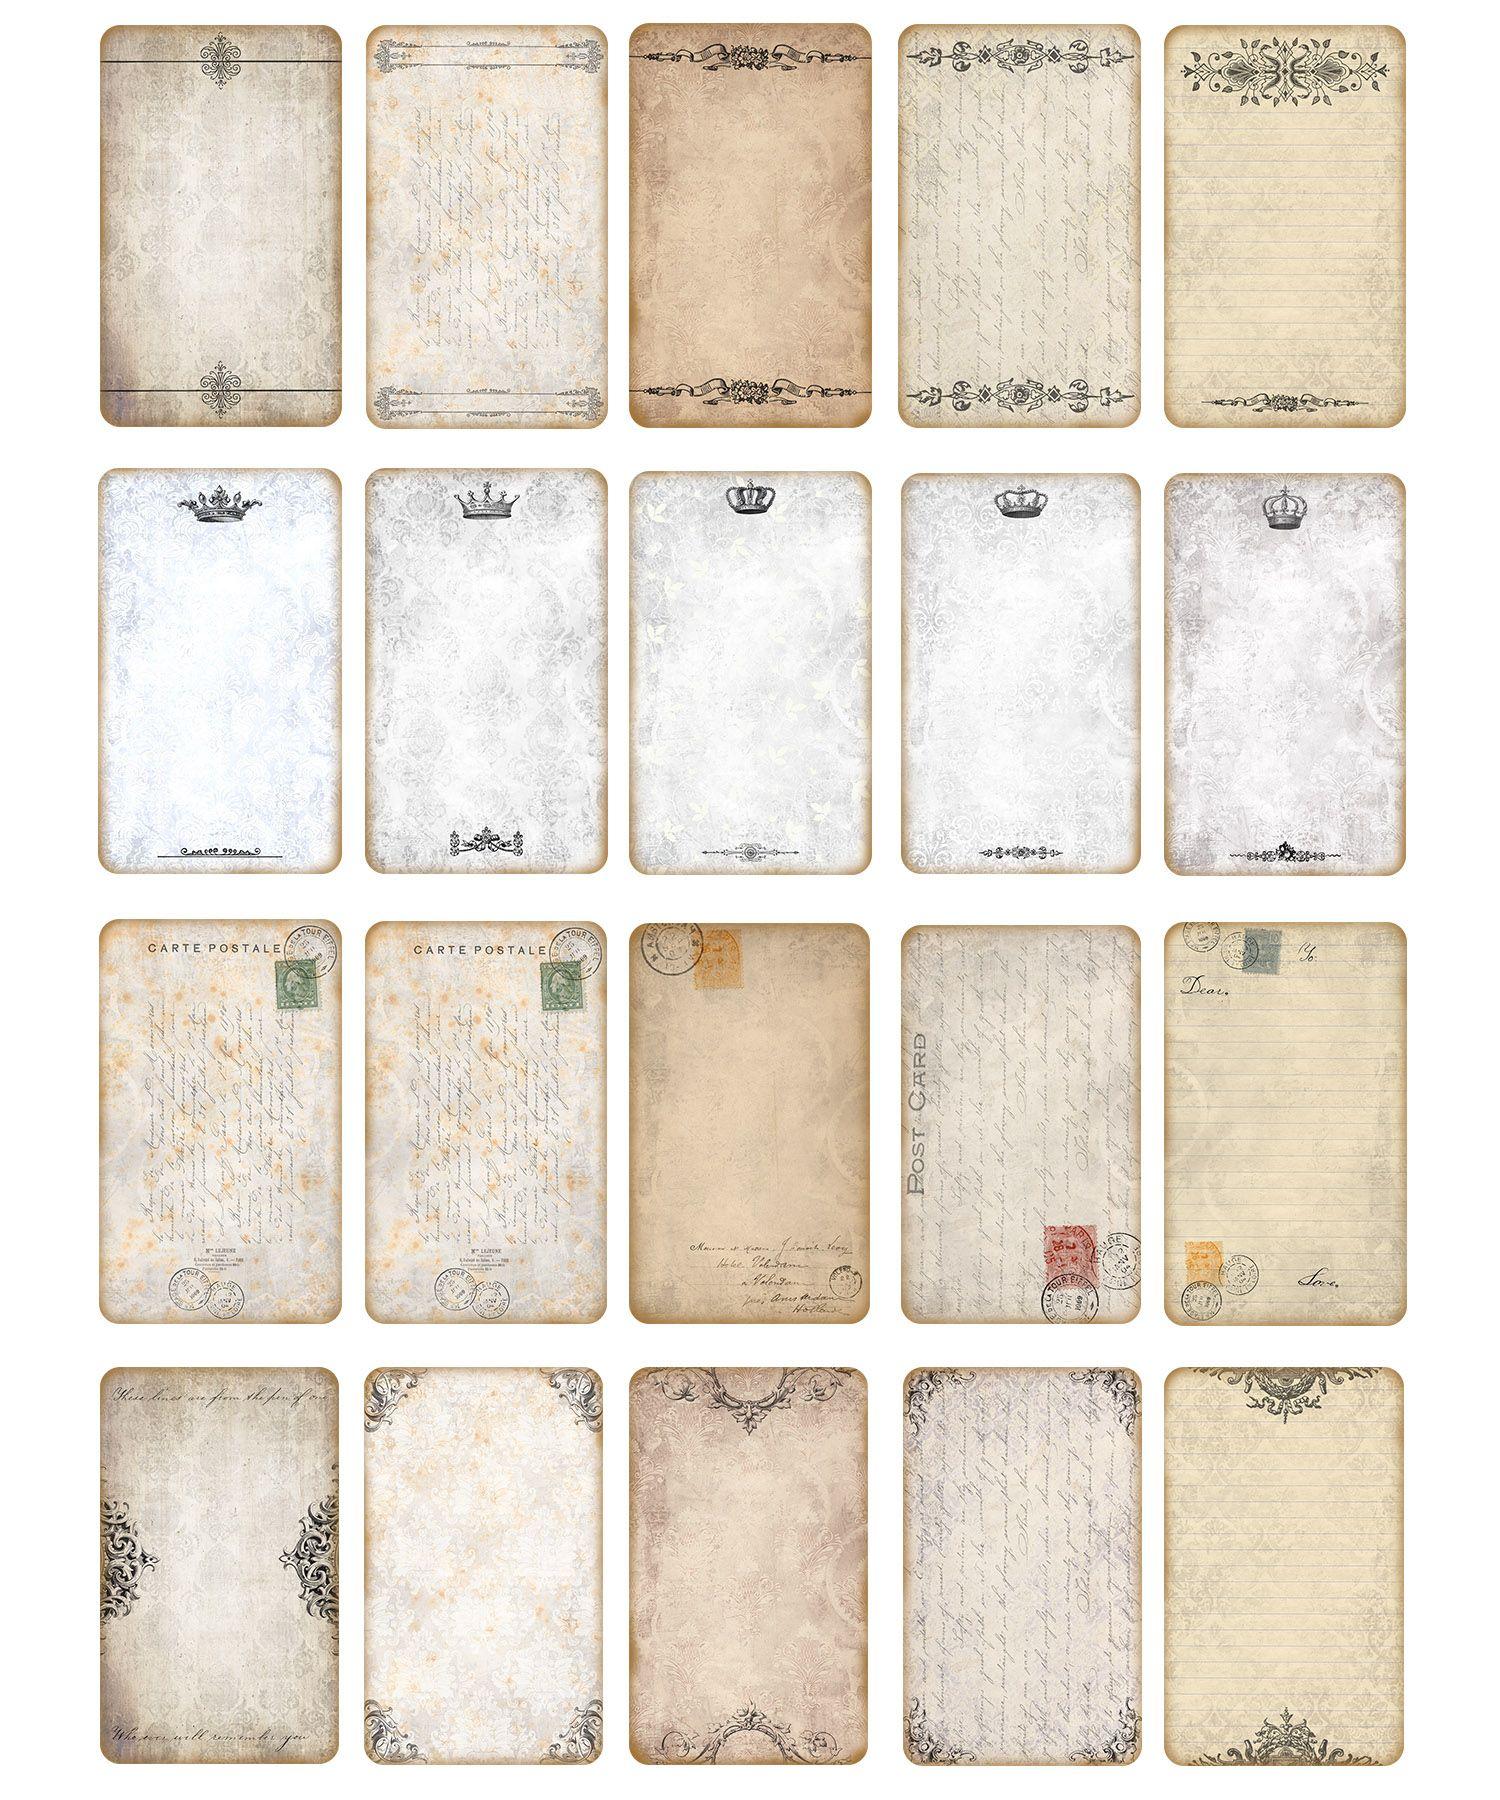 Editable Blank Vintage Labels Scrapbooking Ephemera Paper Craft Digital Collage Sh In 2020 Vintage Scrapbook Vintage Labels Printables Vintage Labels Printables Free